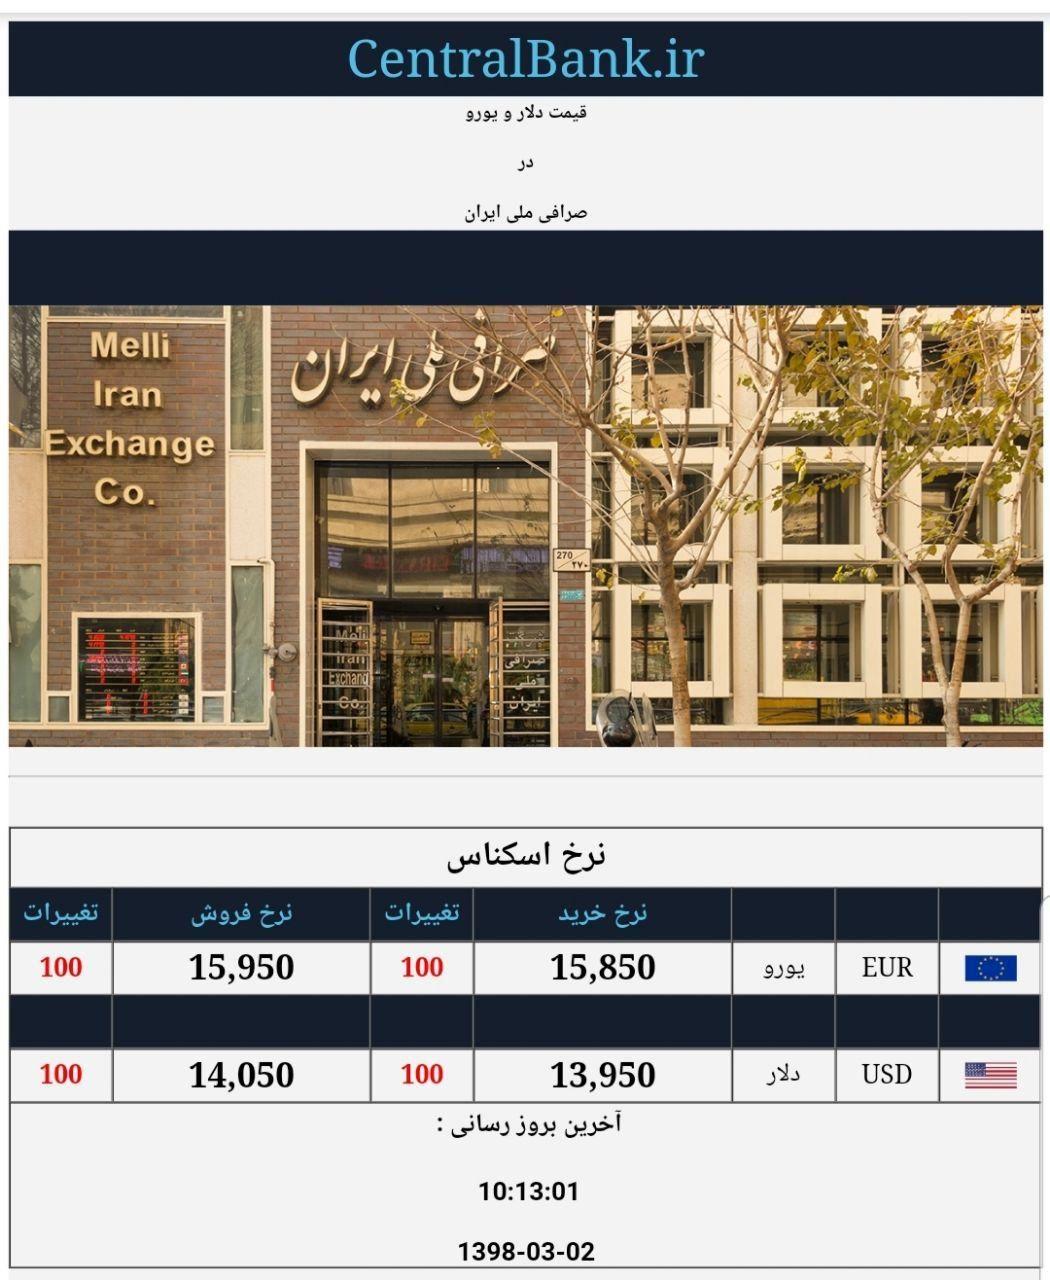 قیمت دلار و یورو در صرافی ملی امروز ۱۳۹۸/۰۳/۰۲